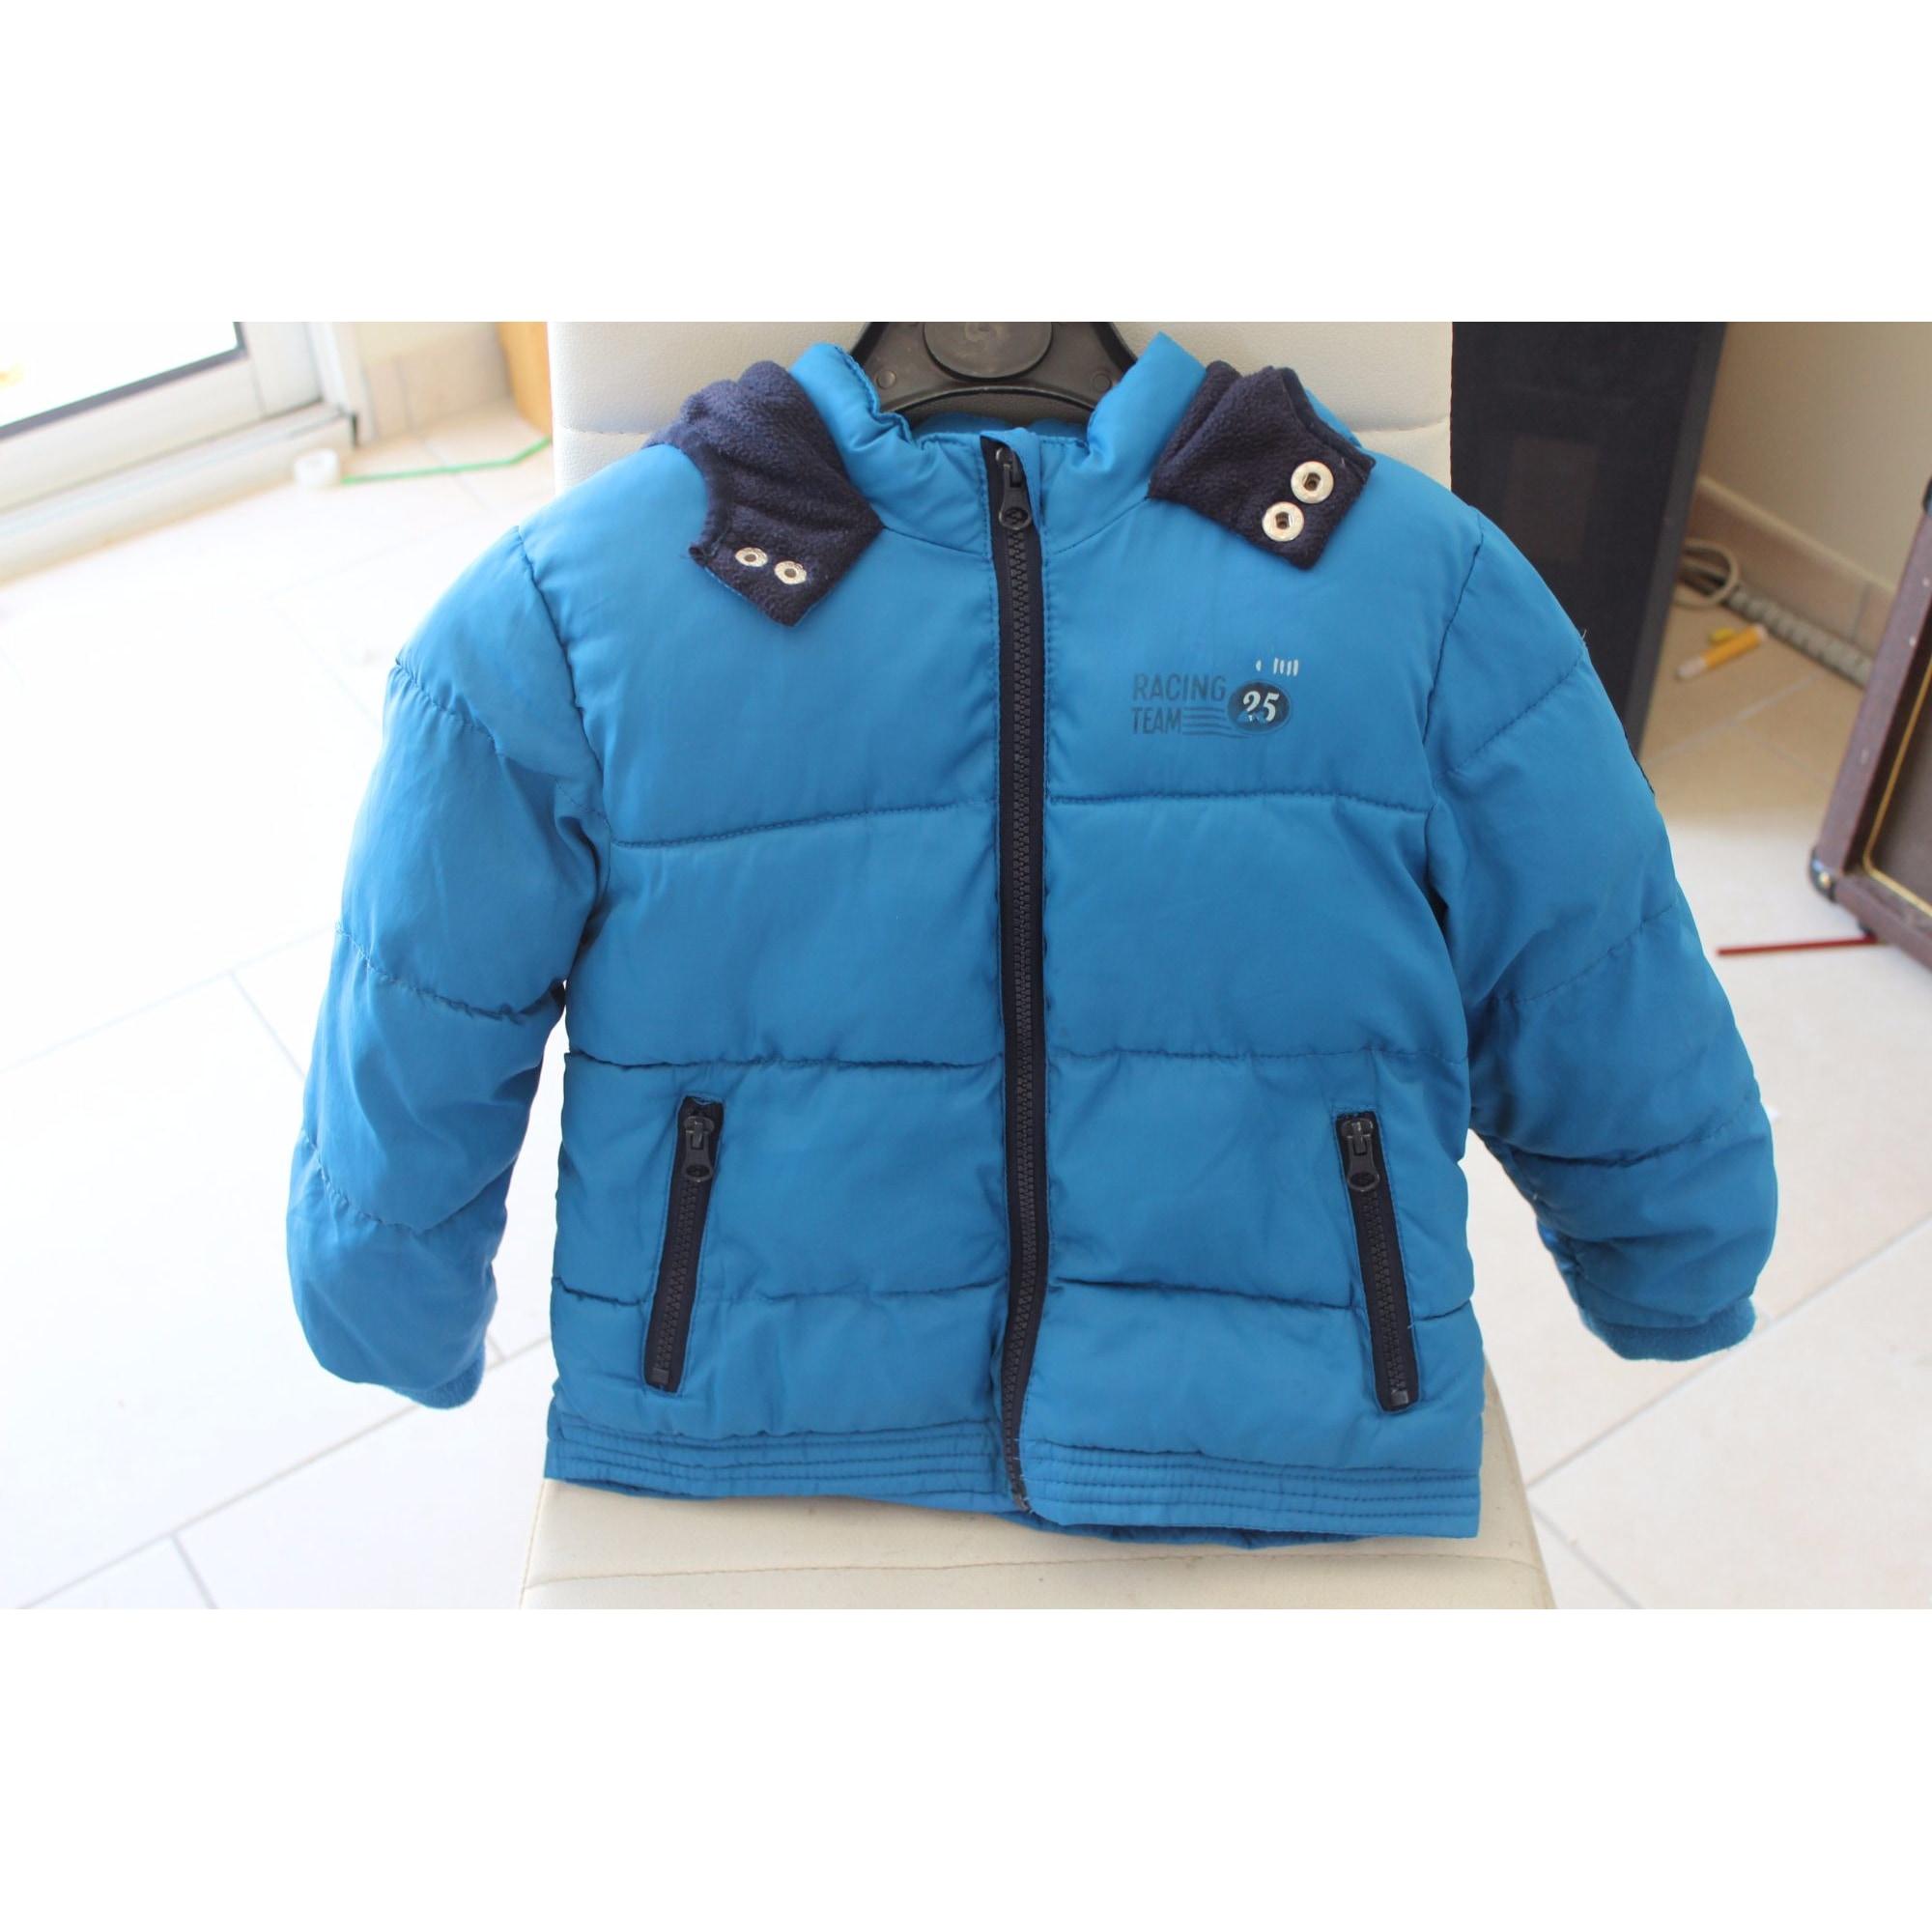 Doudoune KIDKANAI Bleu, bleu marine, bleu turquoise